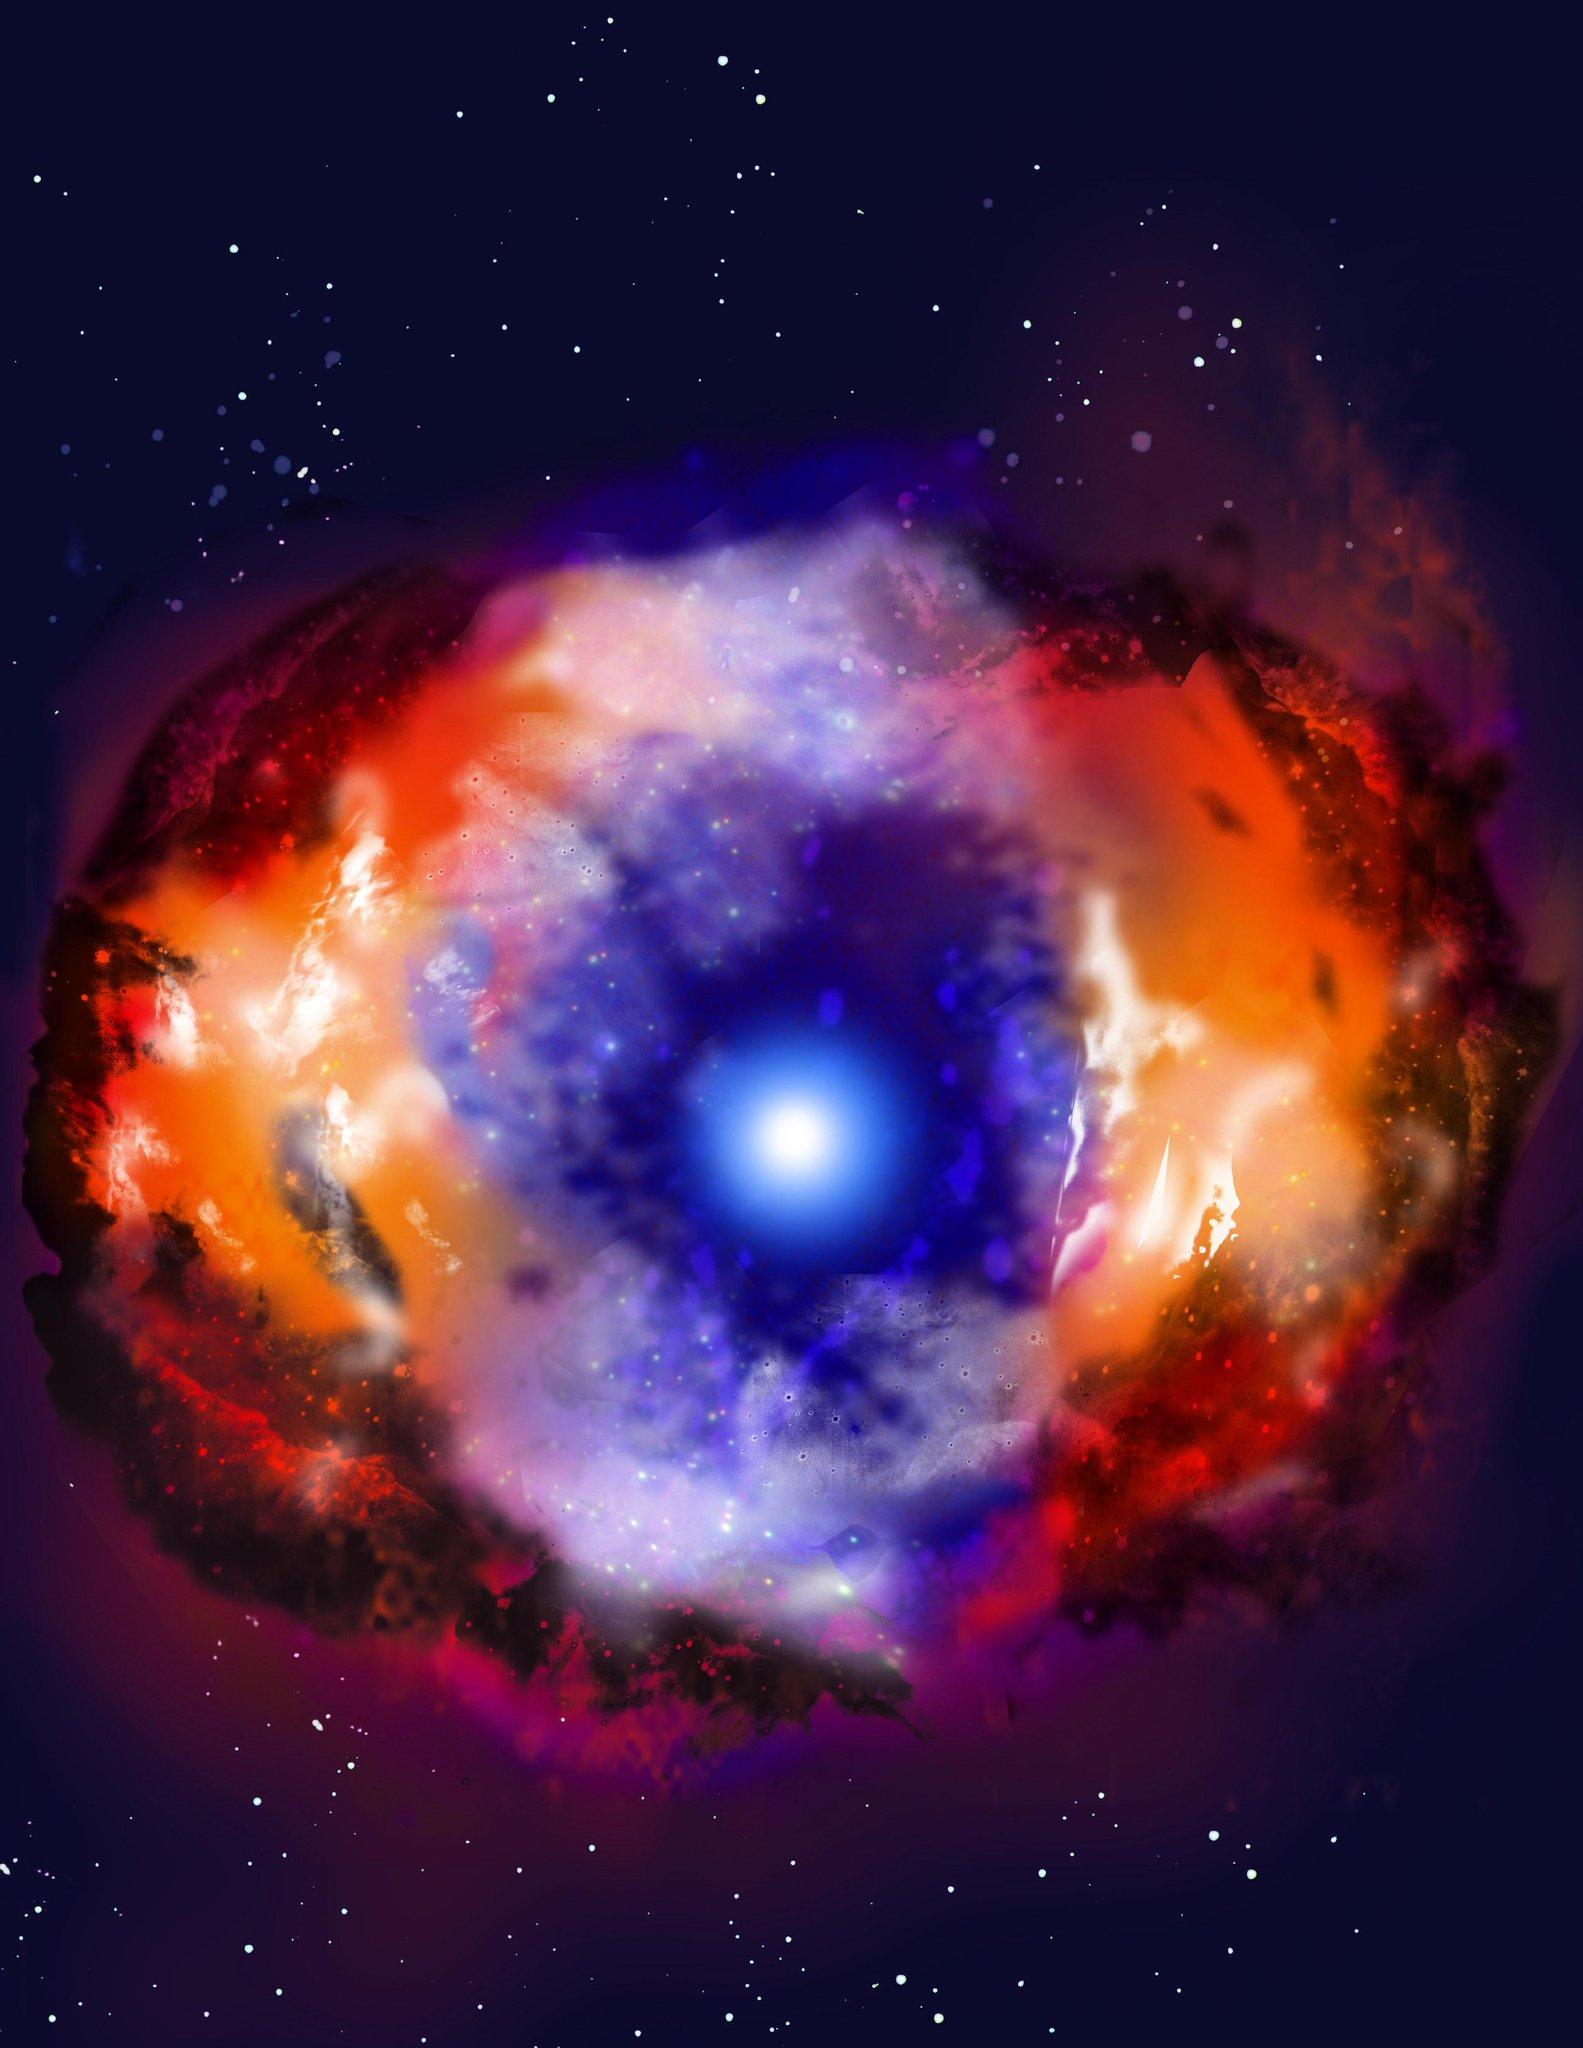 картинка сверхновая звезда домов бань